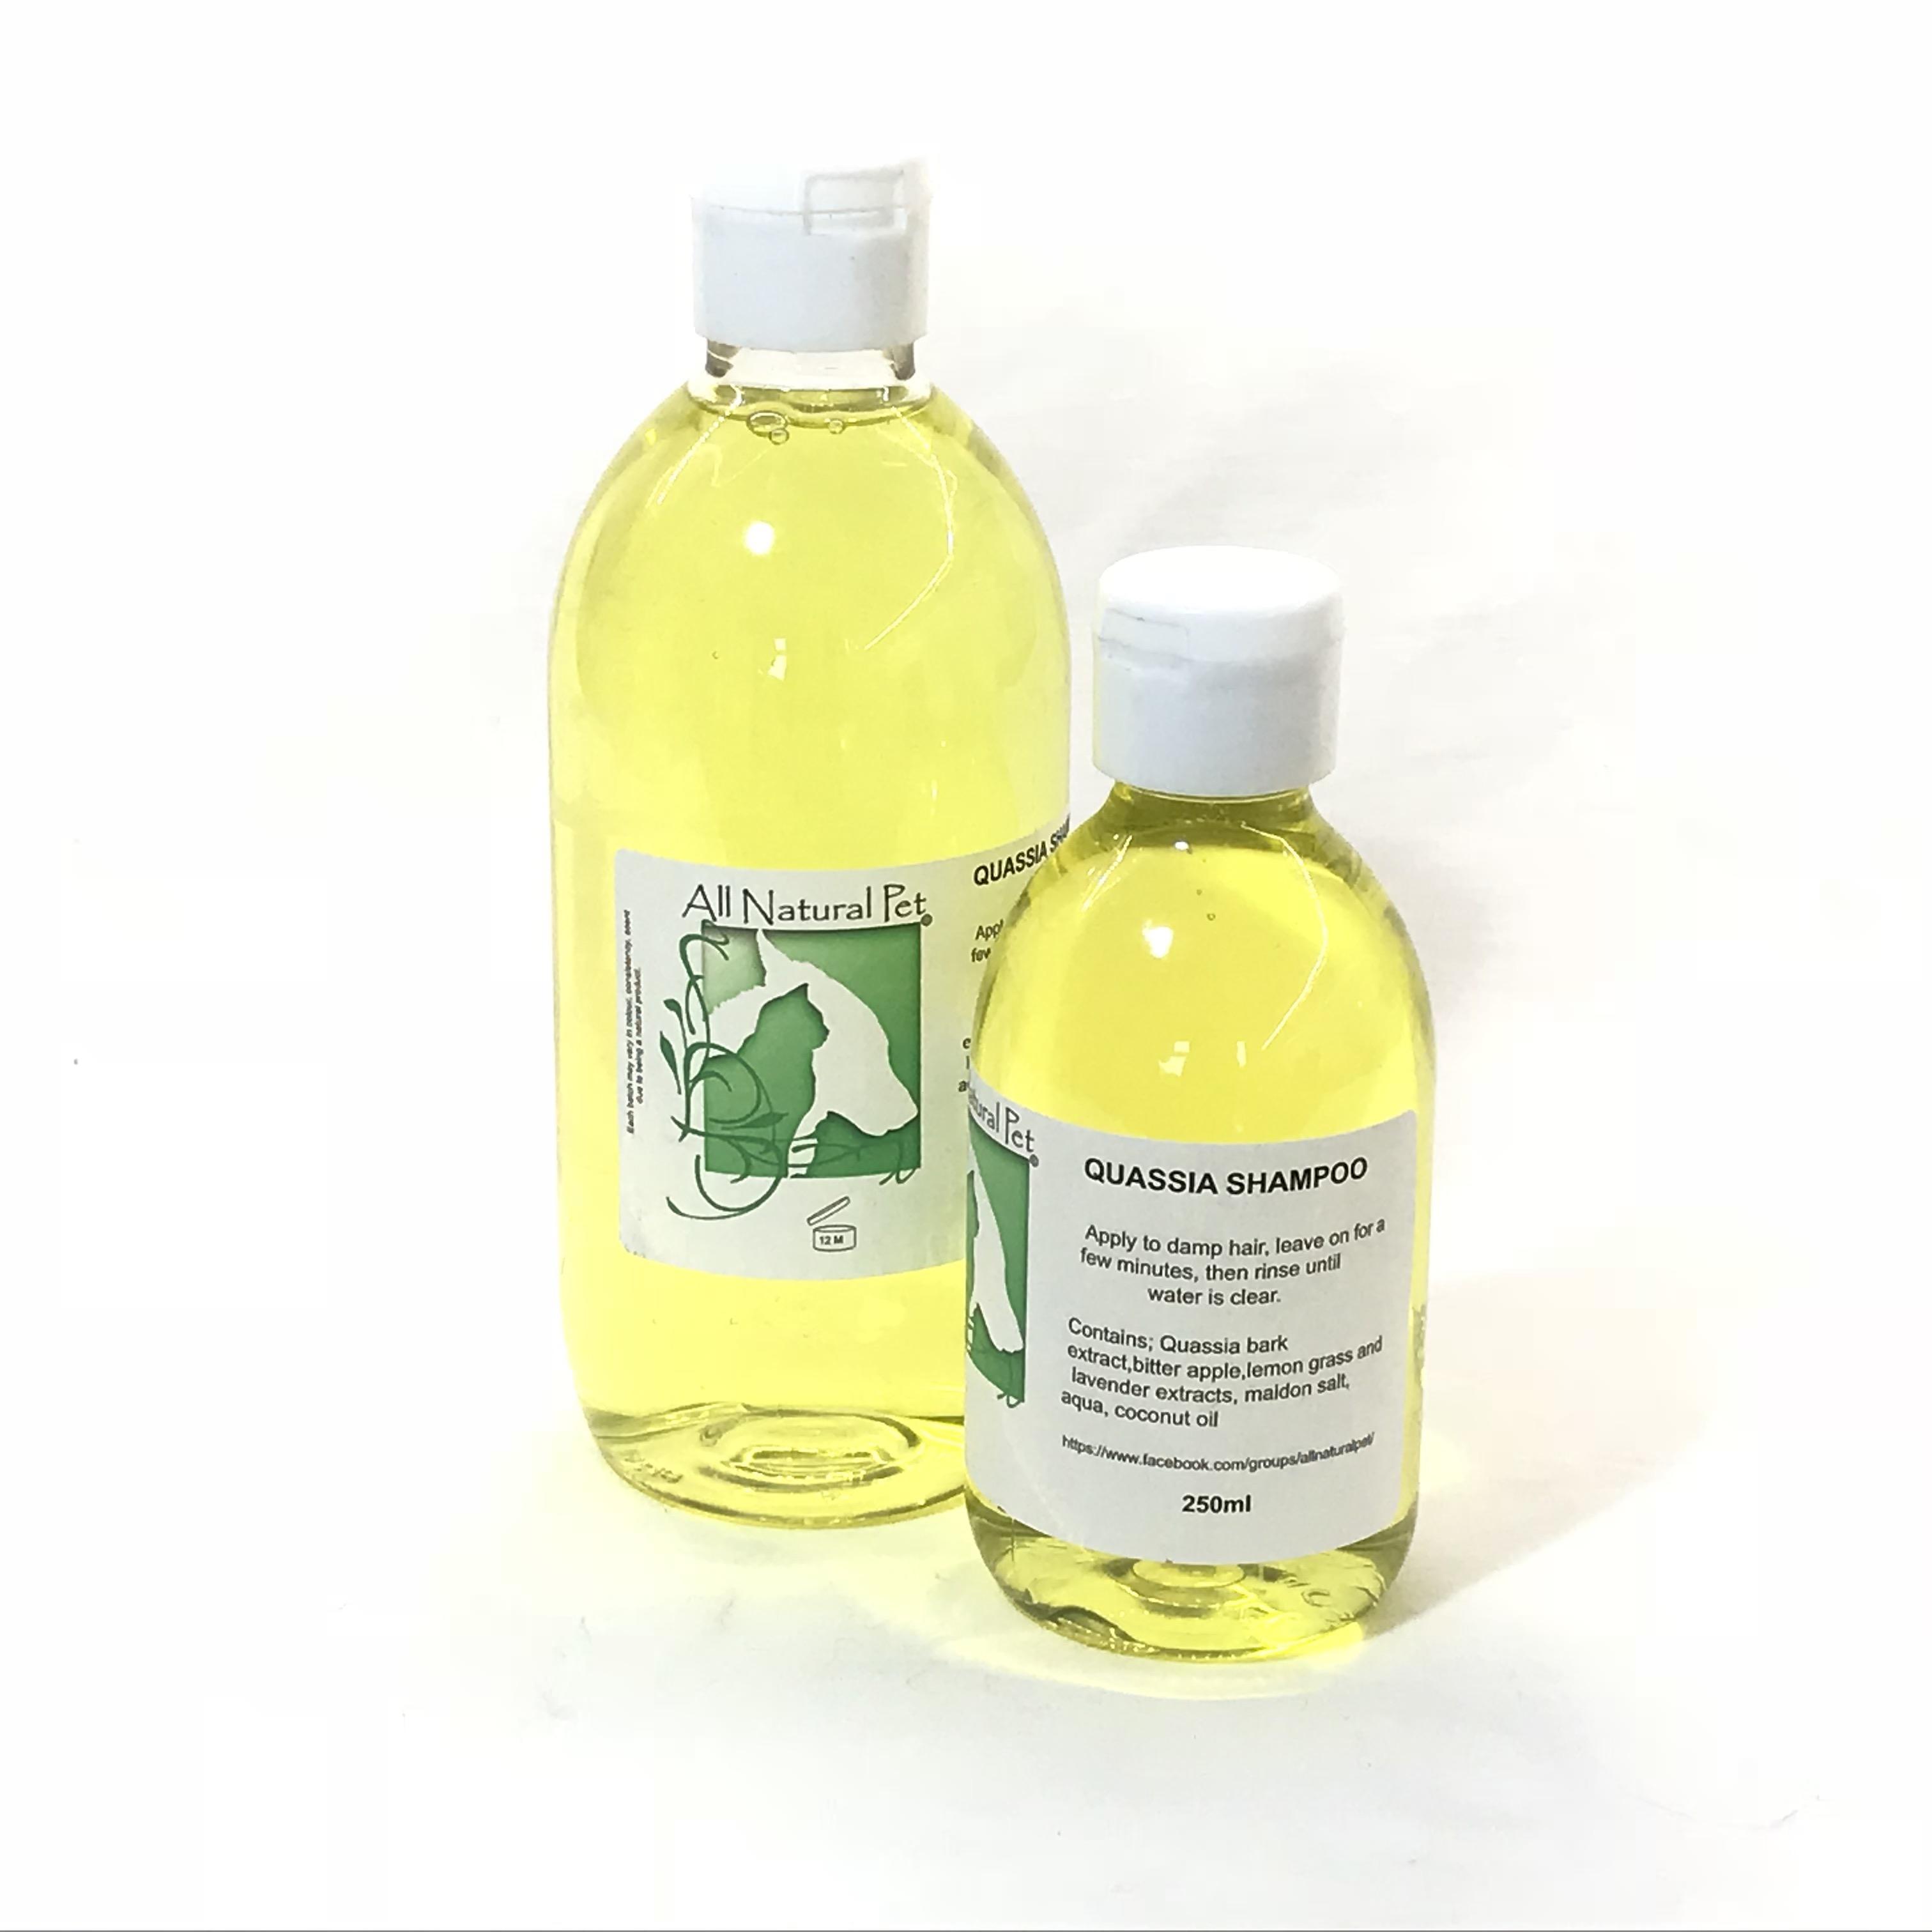 quassi-shampoo.jpg